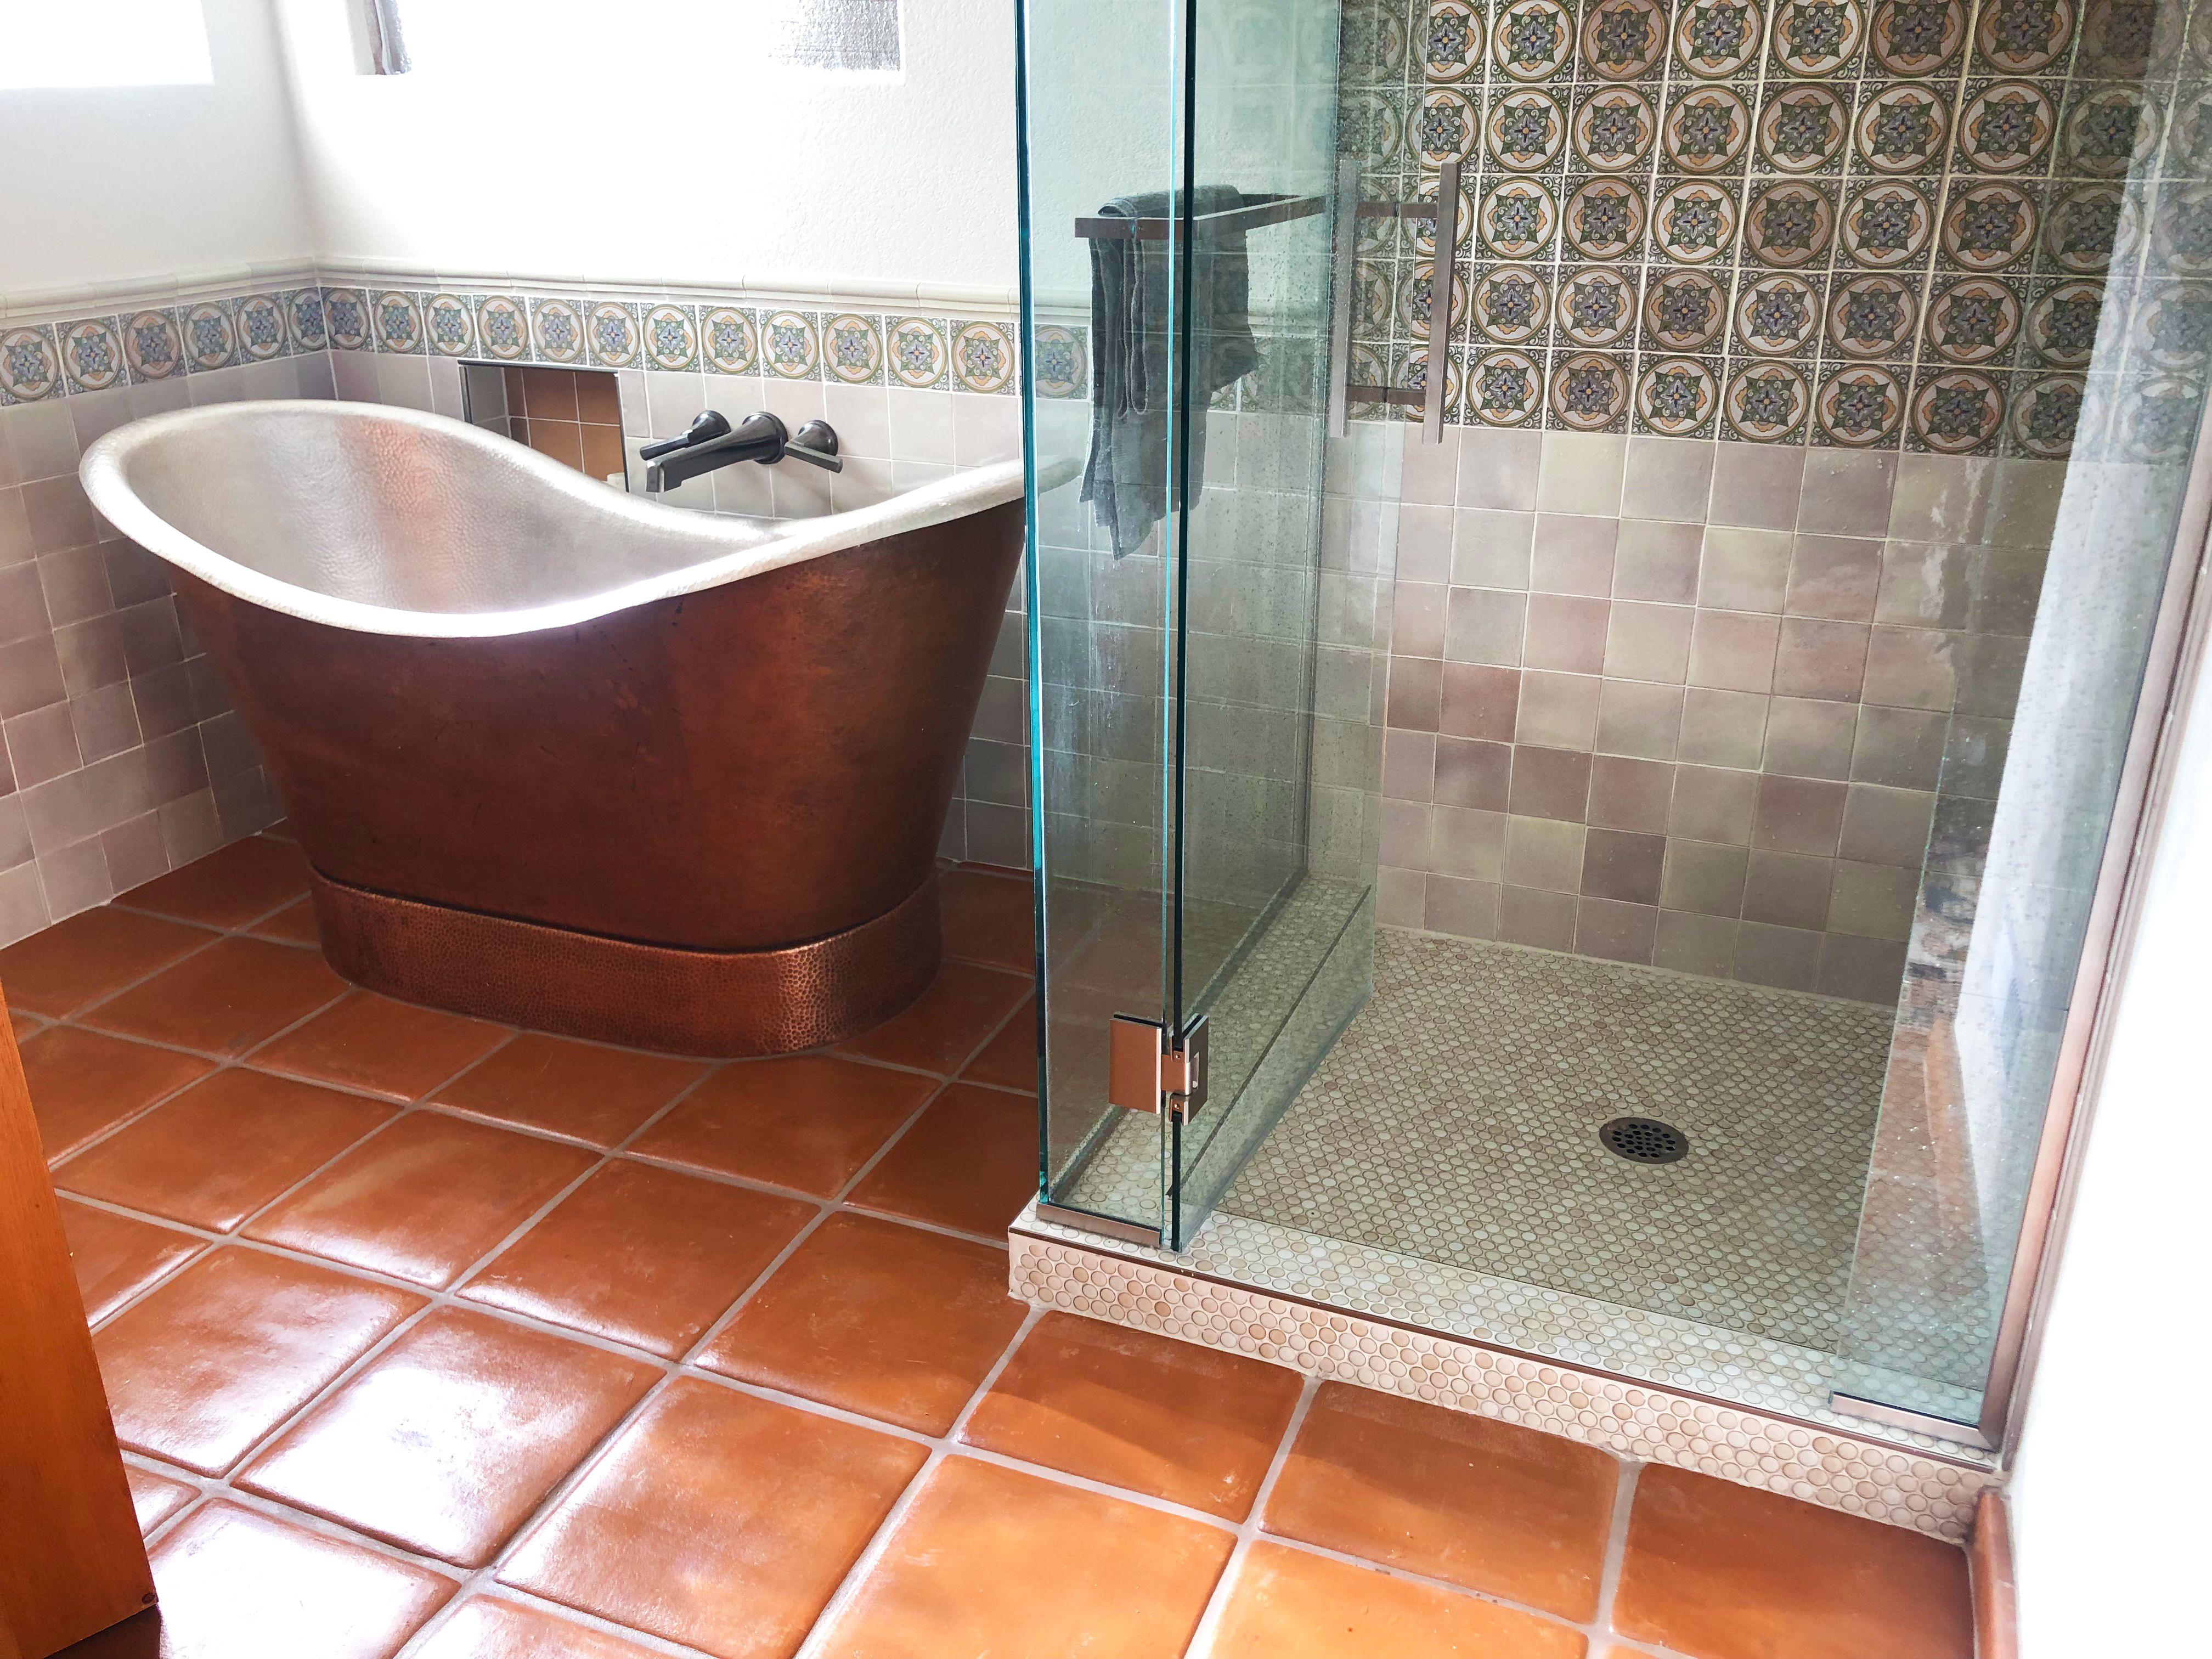 tile floor ceramic tiles